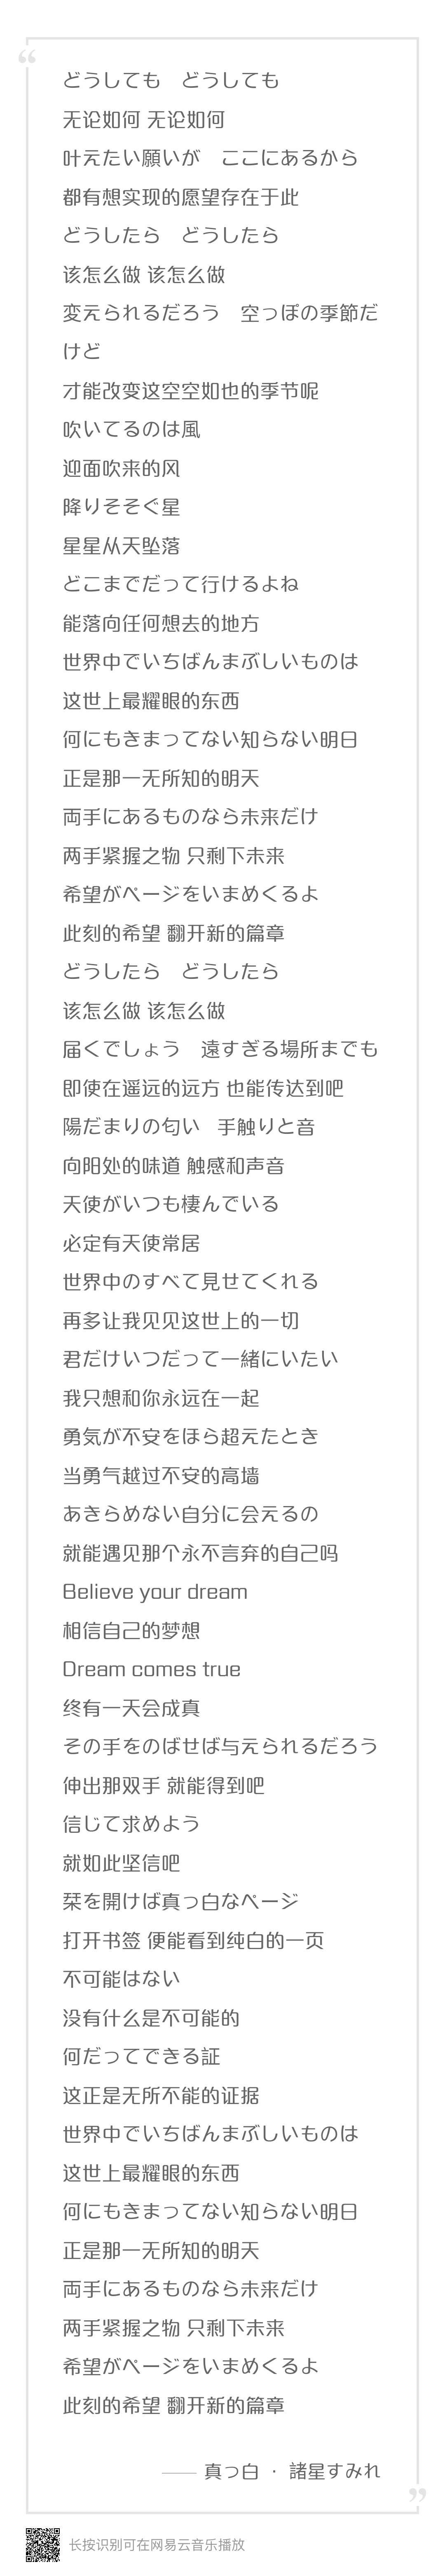 【音乐】歌名:真っ白